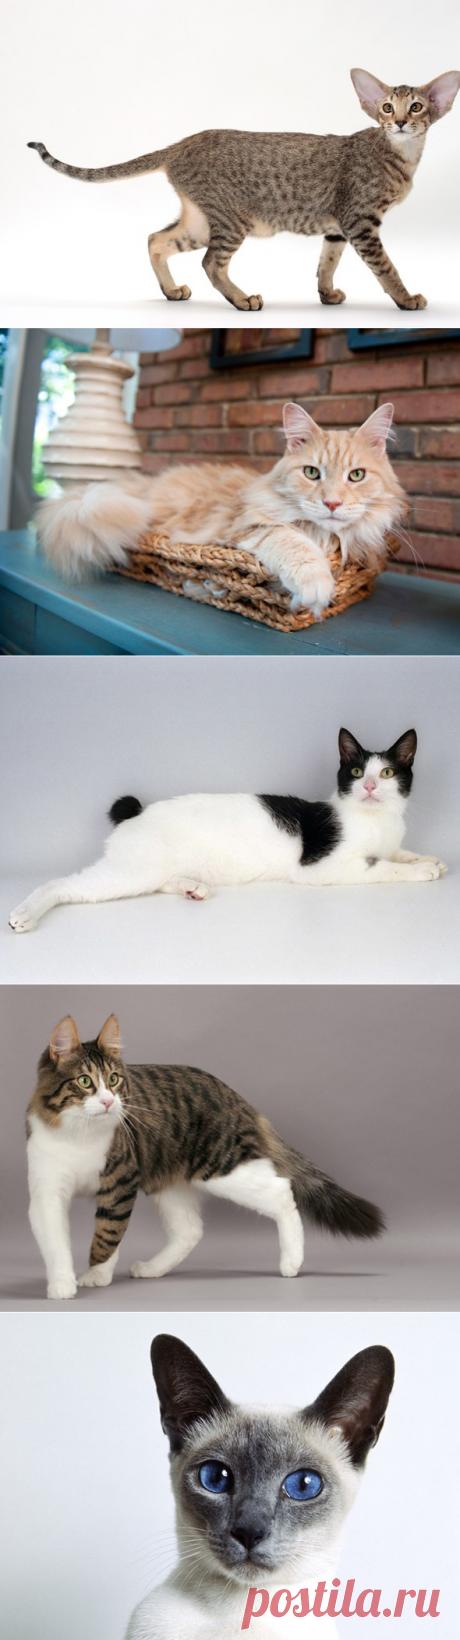 5 пород кошек, которые будут постоянно мяукать, вопить и шуметь | PetTips